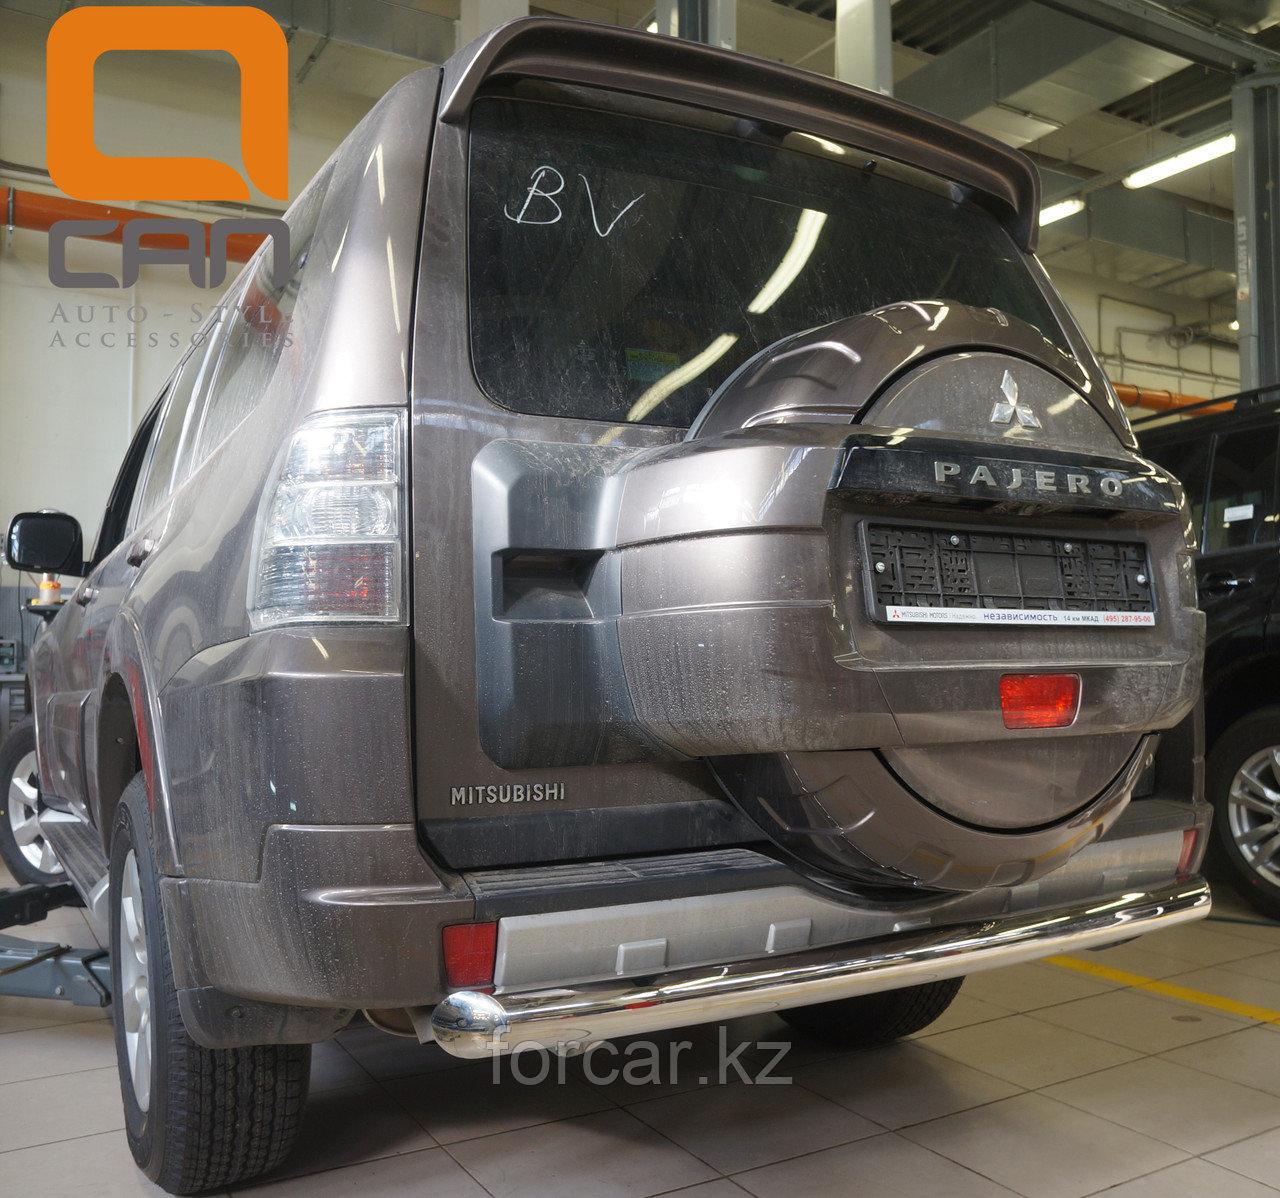 Защита заднего бампера Mitsubishi Pajero IV (2011-) (одинарная) d 76